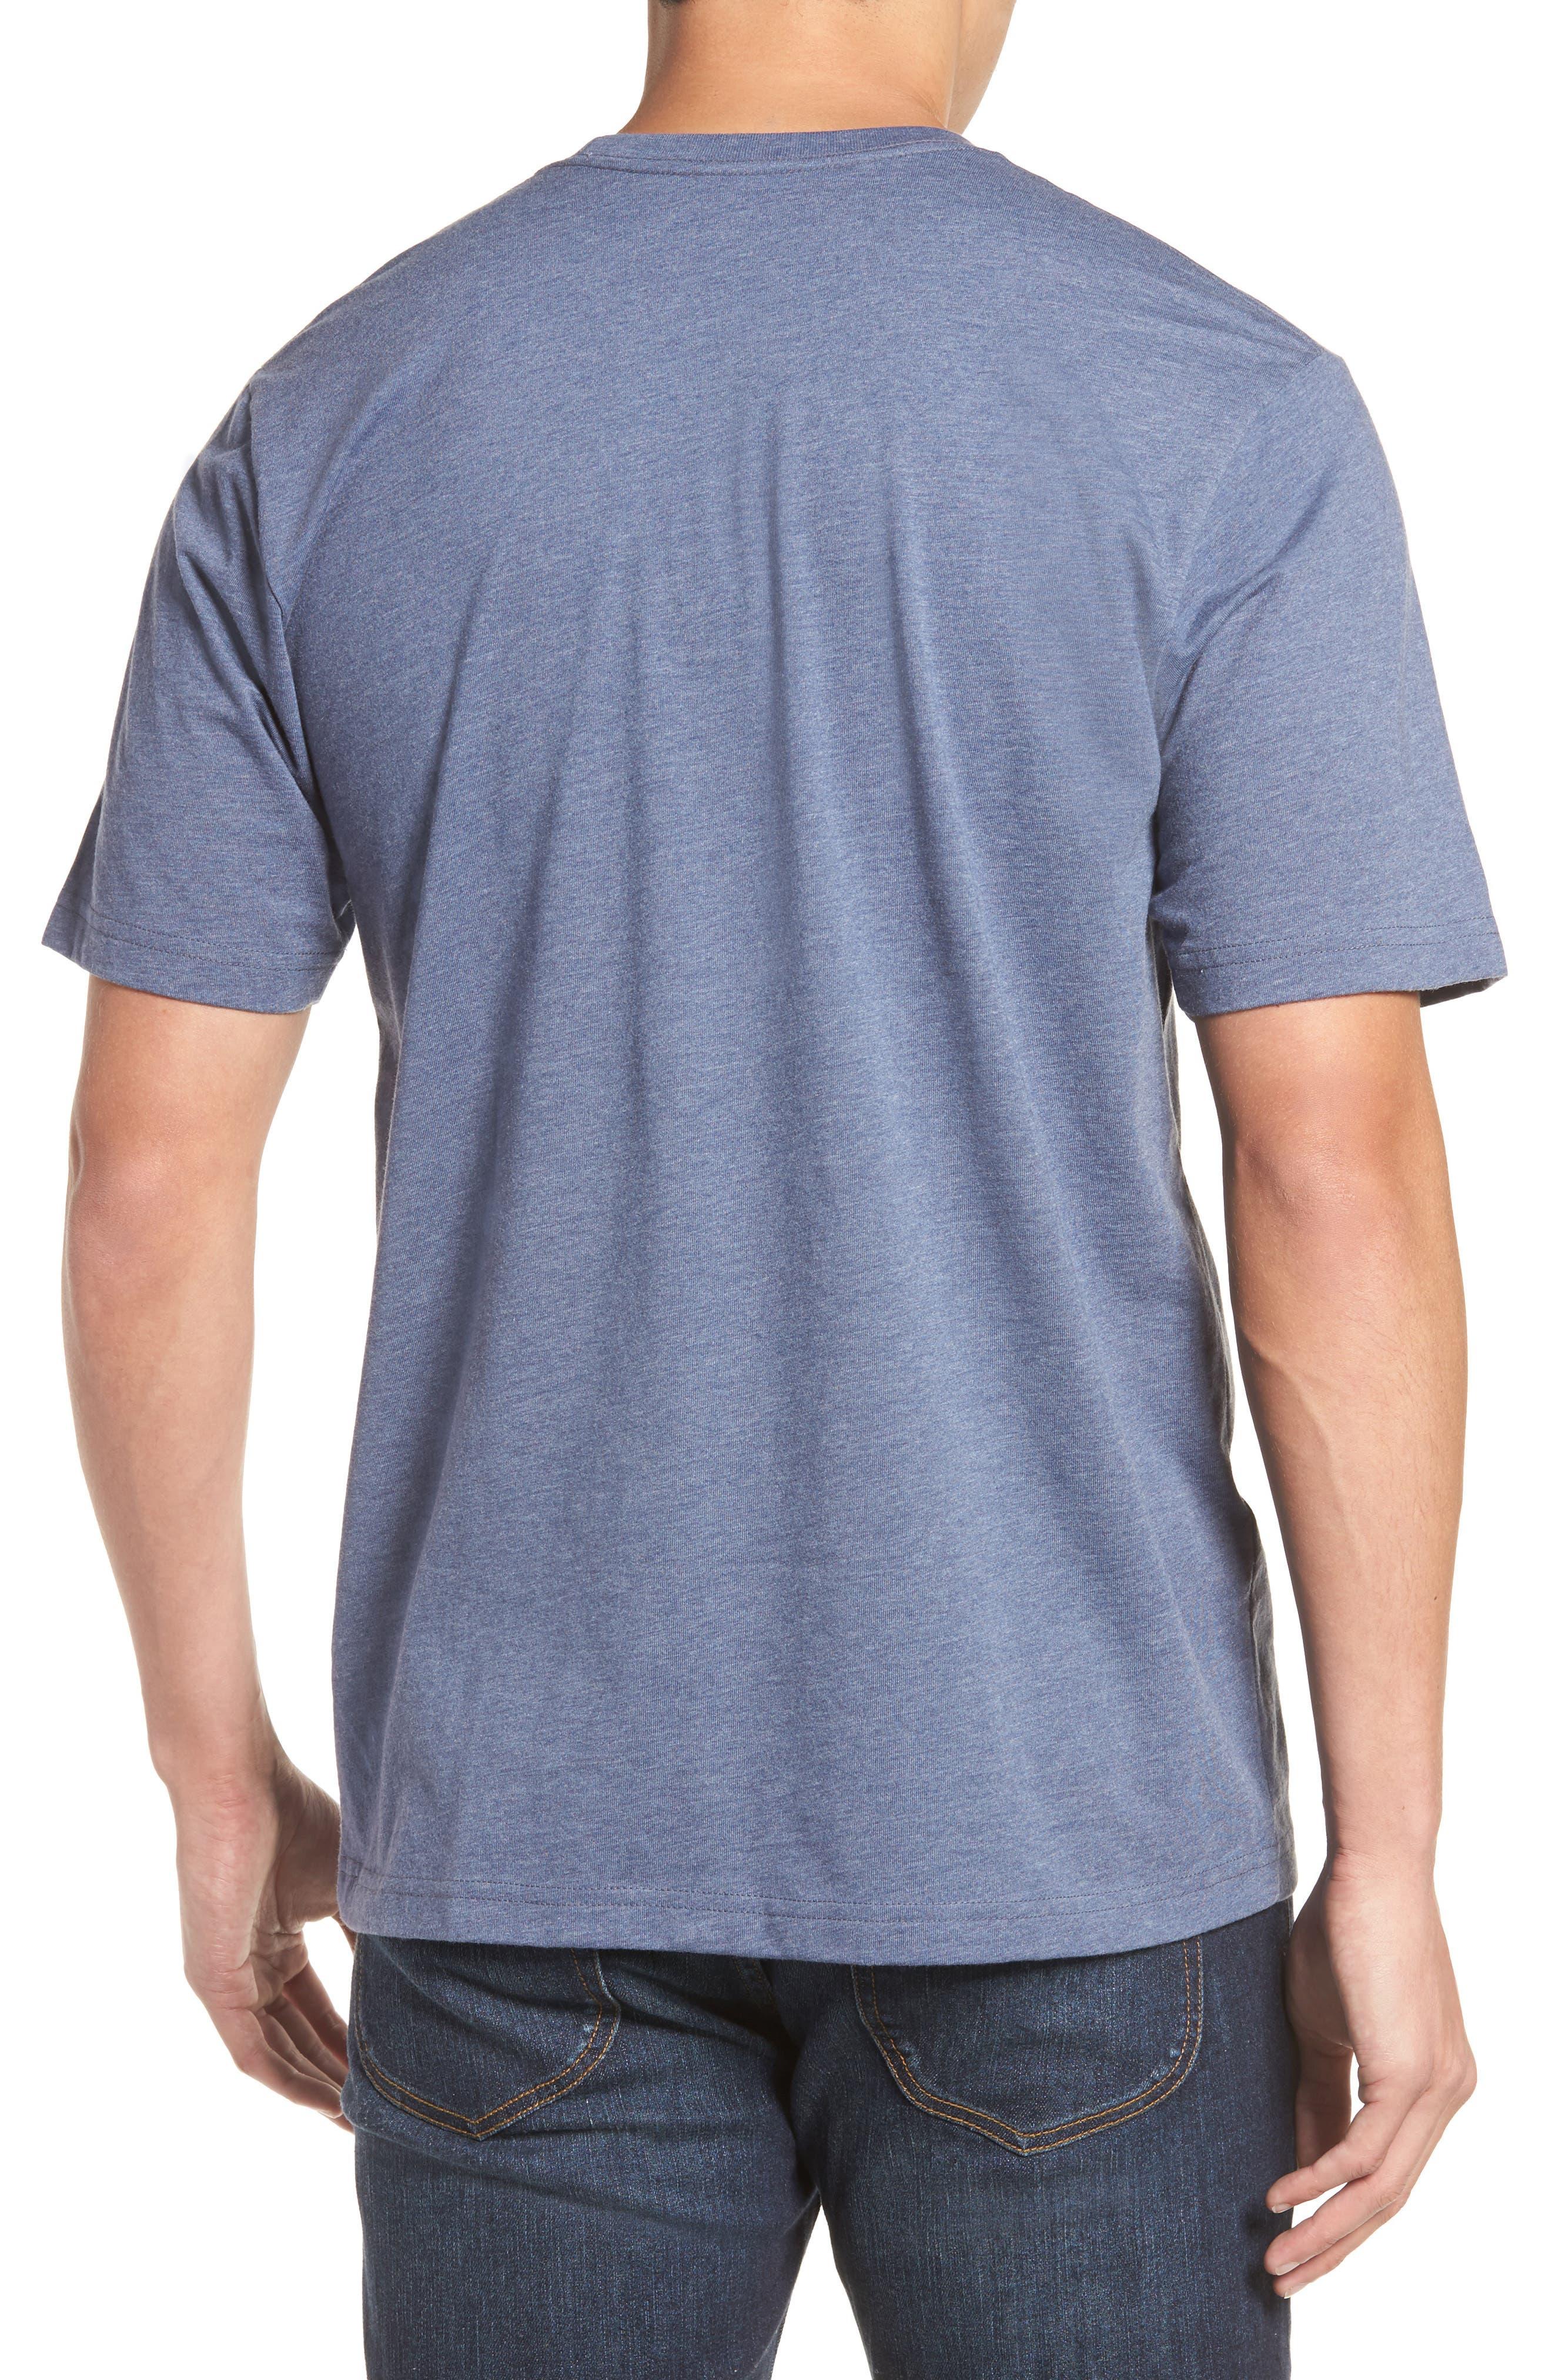 Jason T-Shirt,                             Alternate thumbnail 4, color,